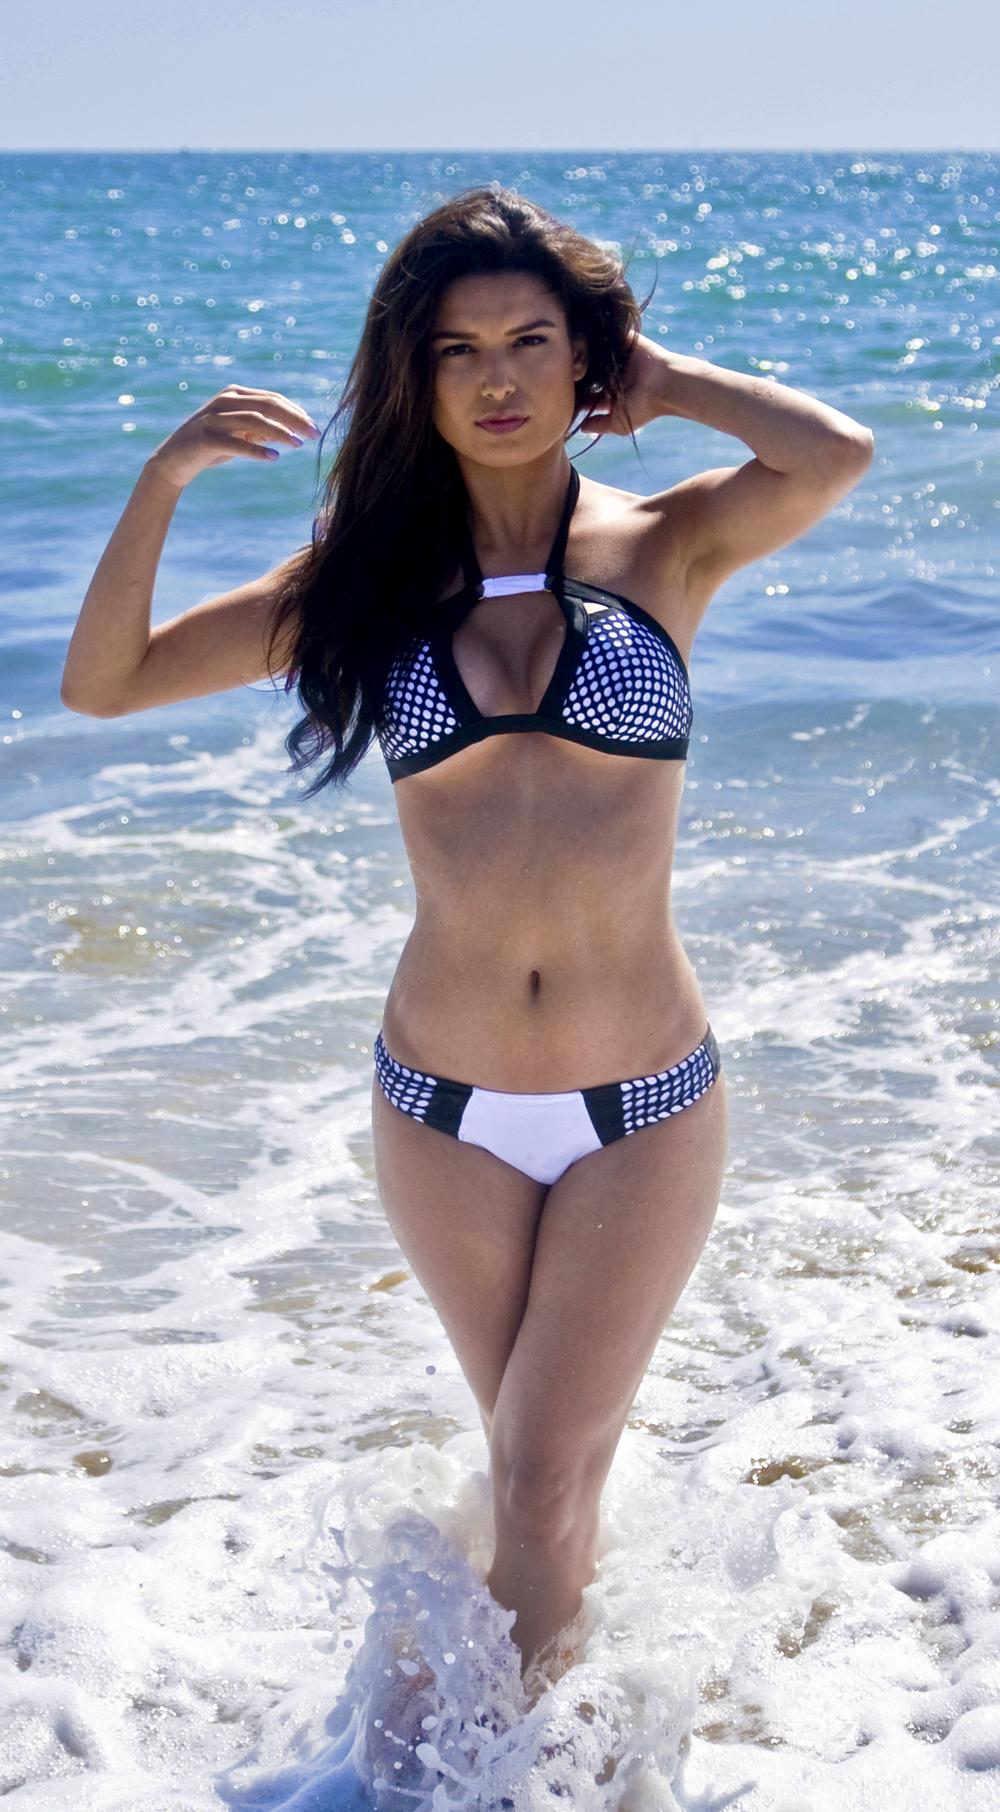 Summer time fine bikini bottom